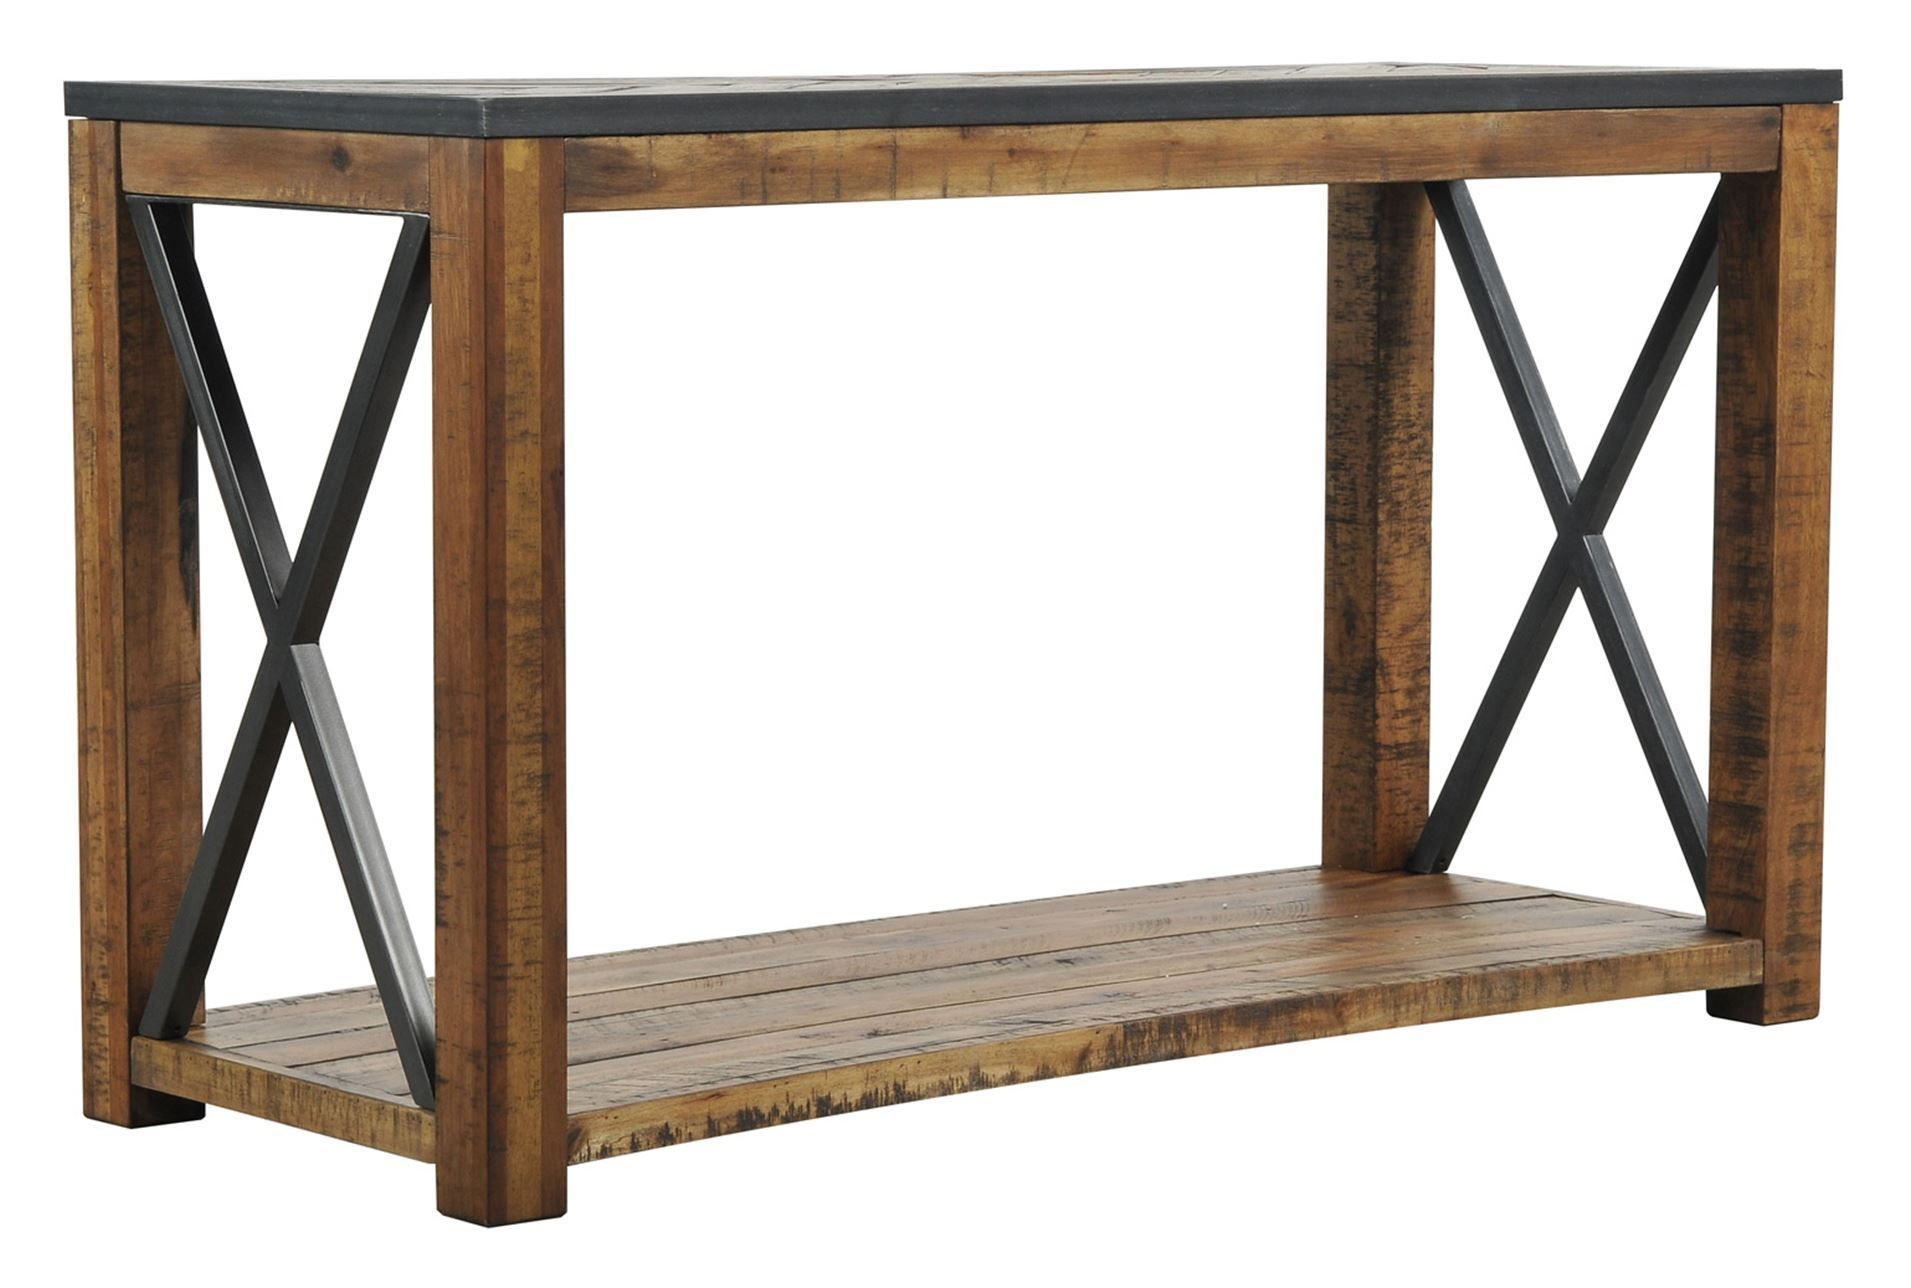 Tillman Sofa Table Decor, Table, Home decor